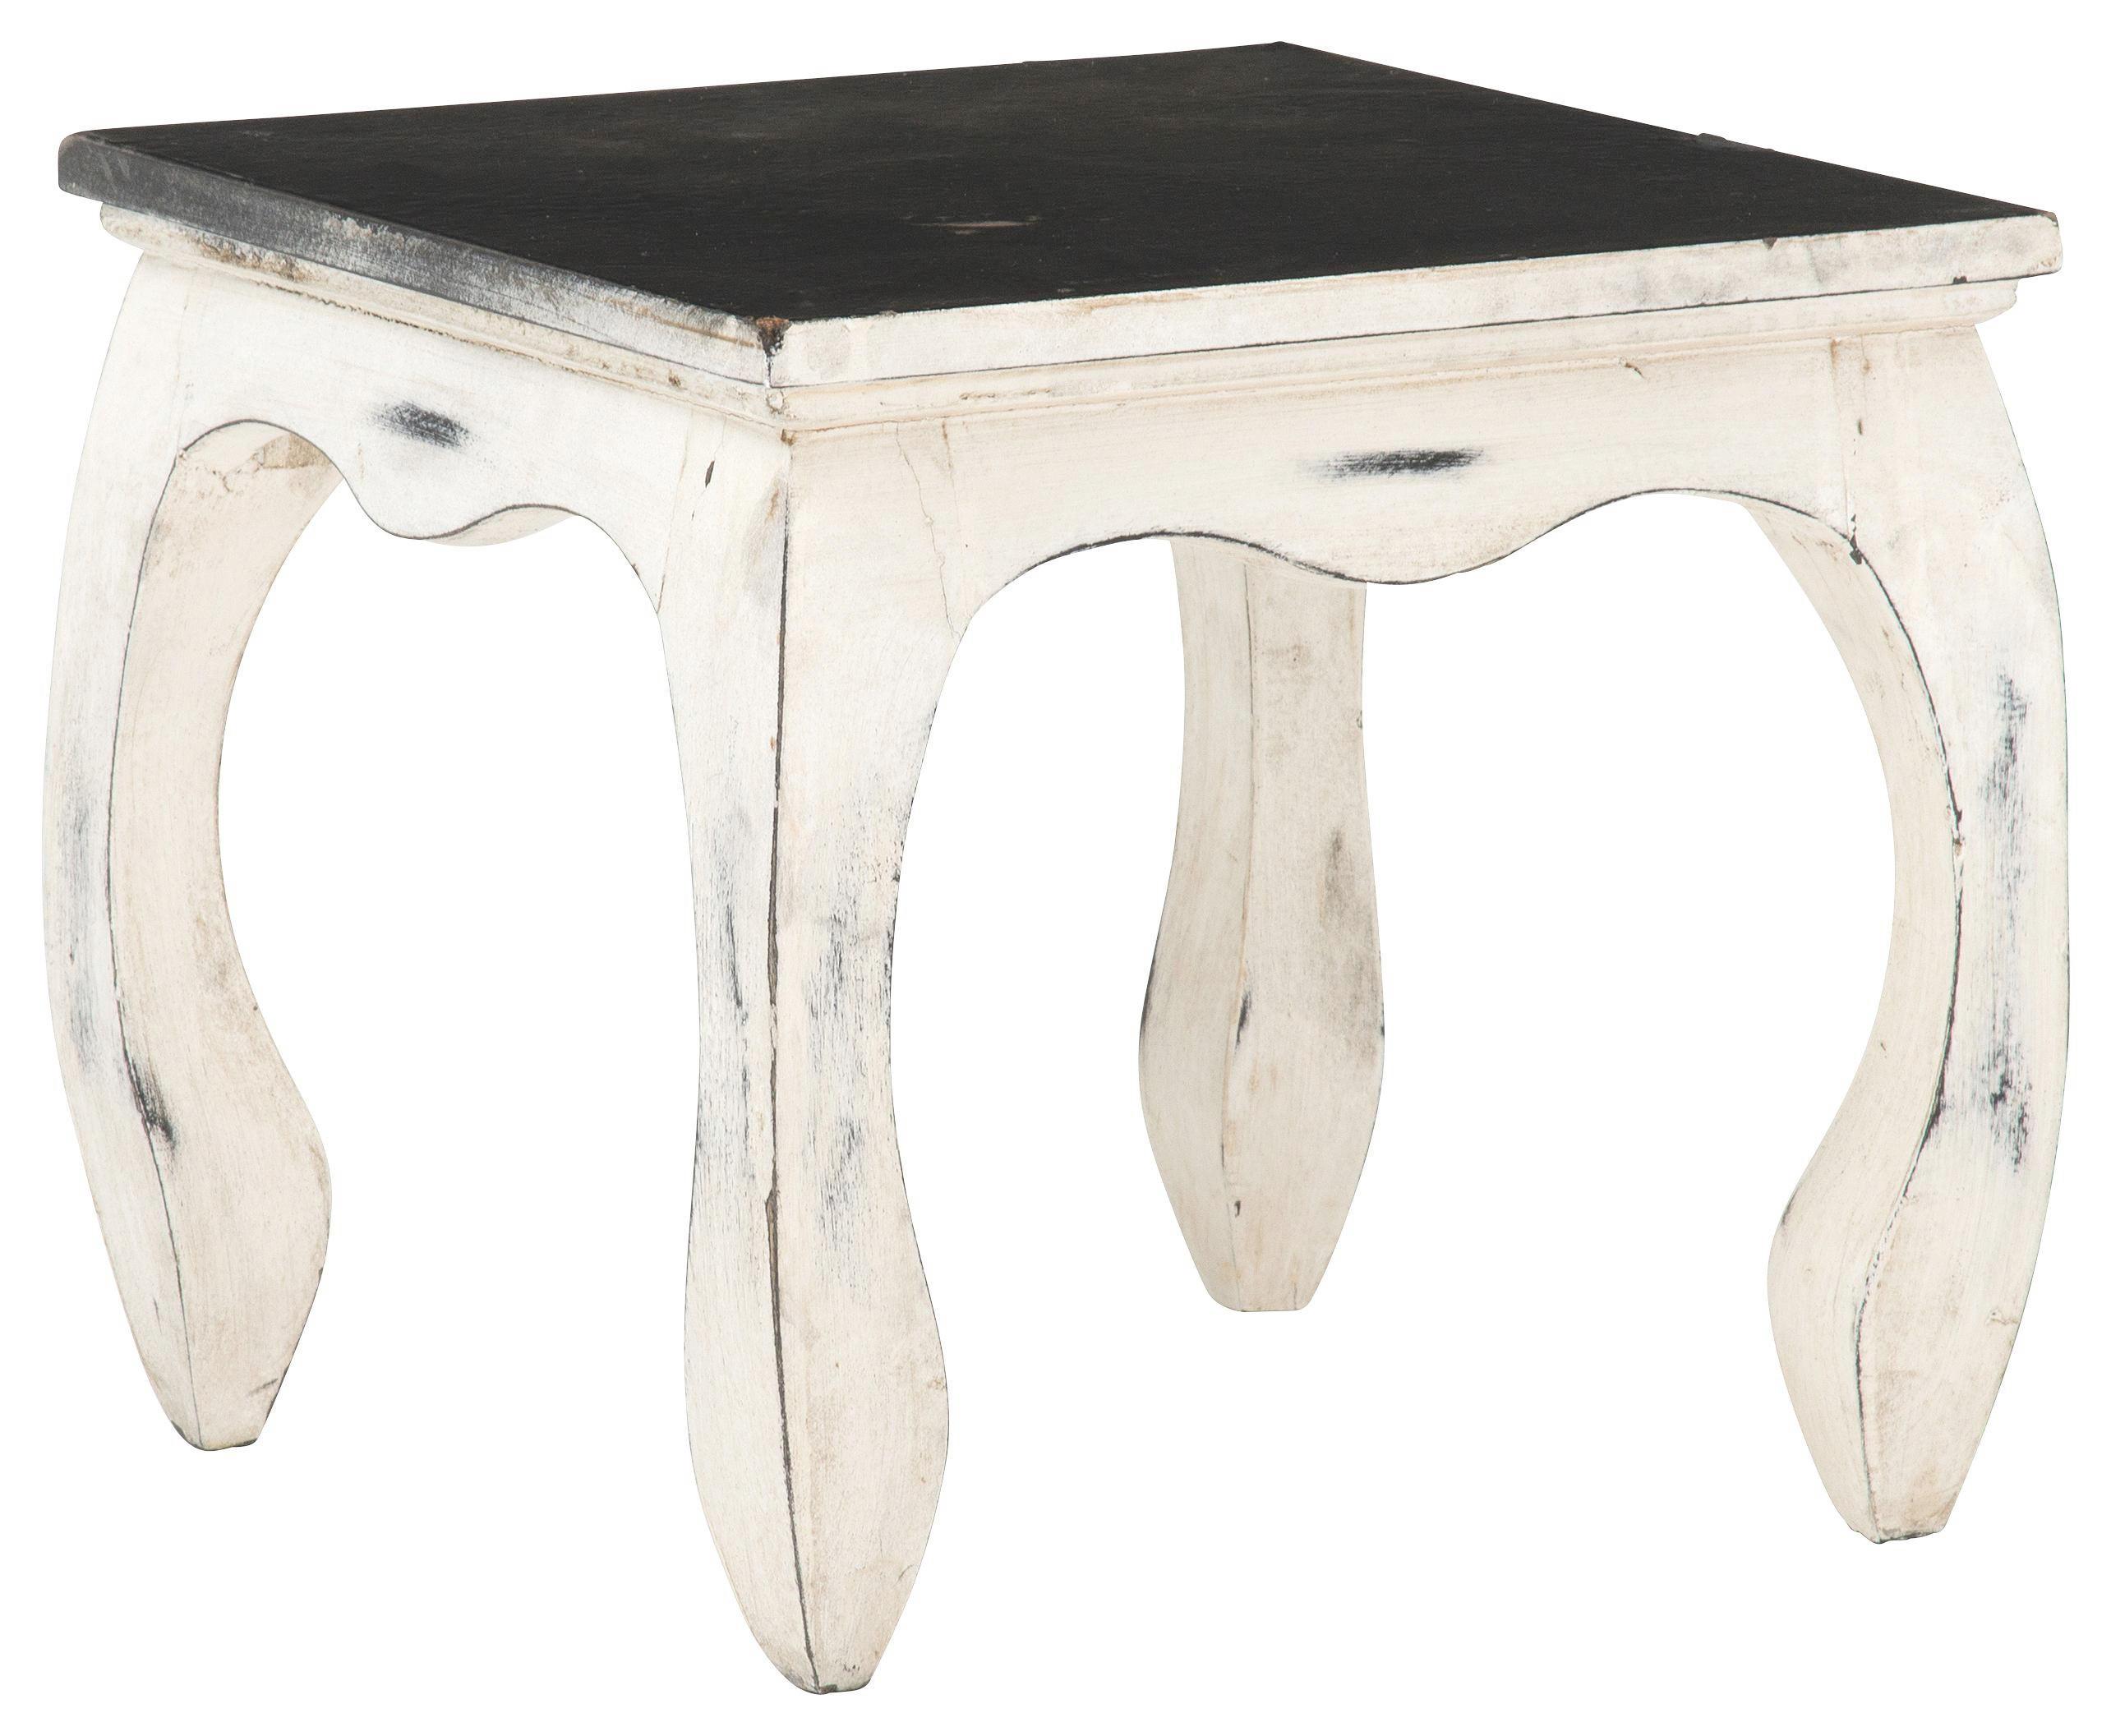 BEISTELLTISCH Mangoholz massiv quadratisch Schwarz, Weiß - Schwarz/Weiß, Design, Holz (35/32/35cm)